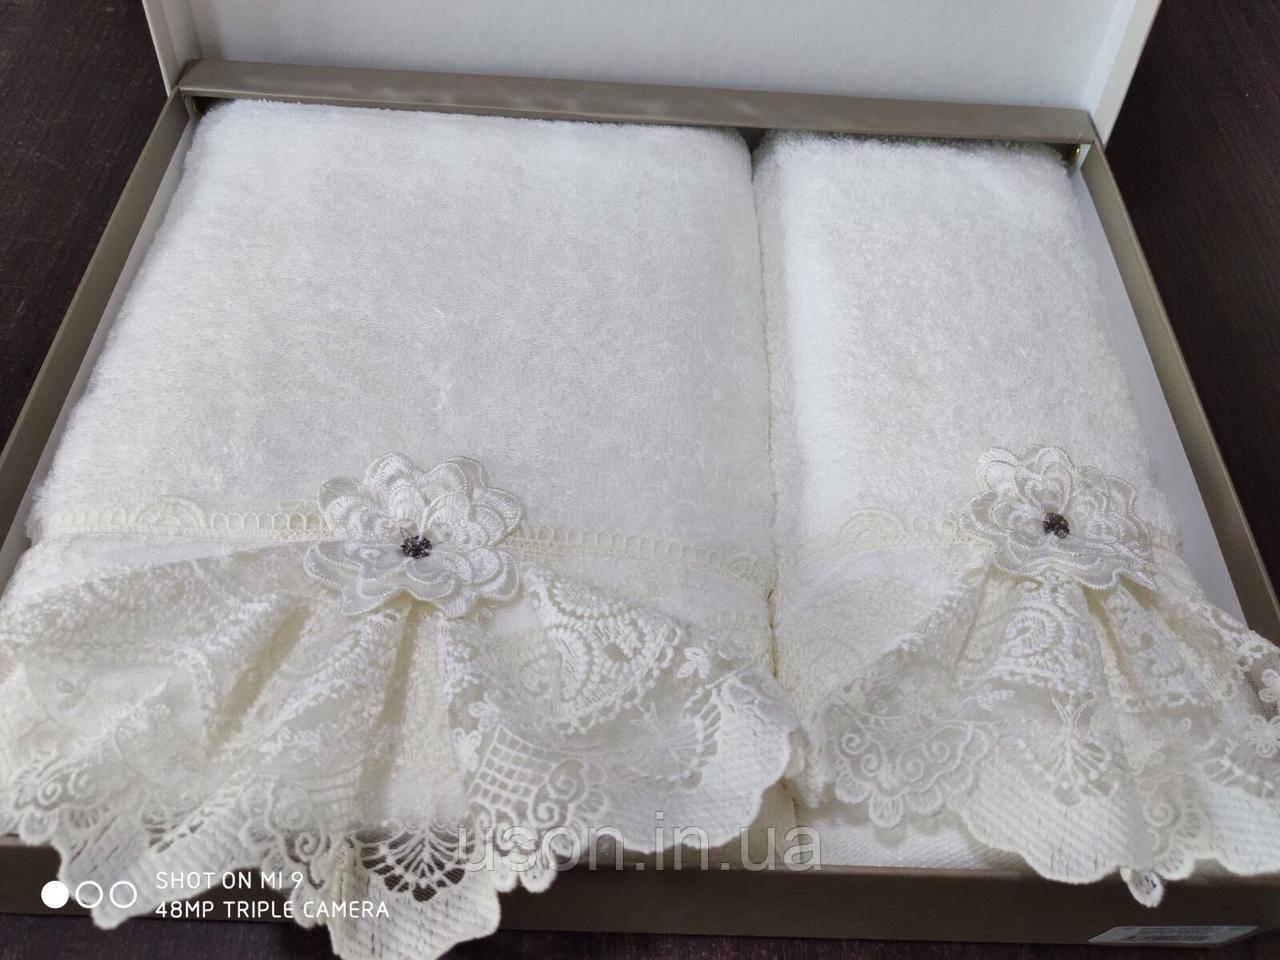 Набор махровых полотенец бамбук 50*90 и 70*140 TM PUPILLA  Турция  Romantik Bambuk 3D